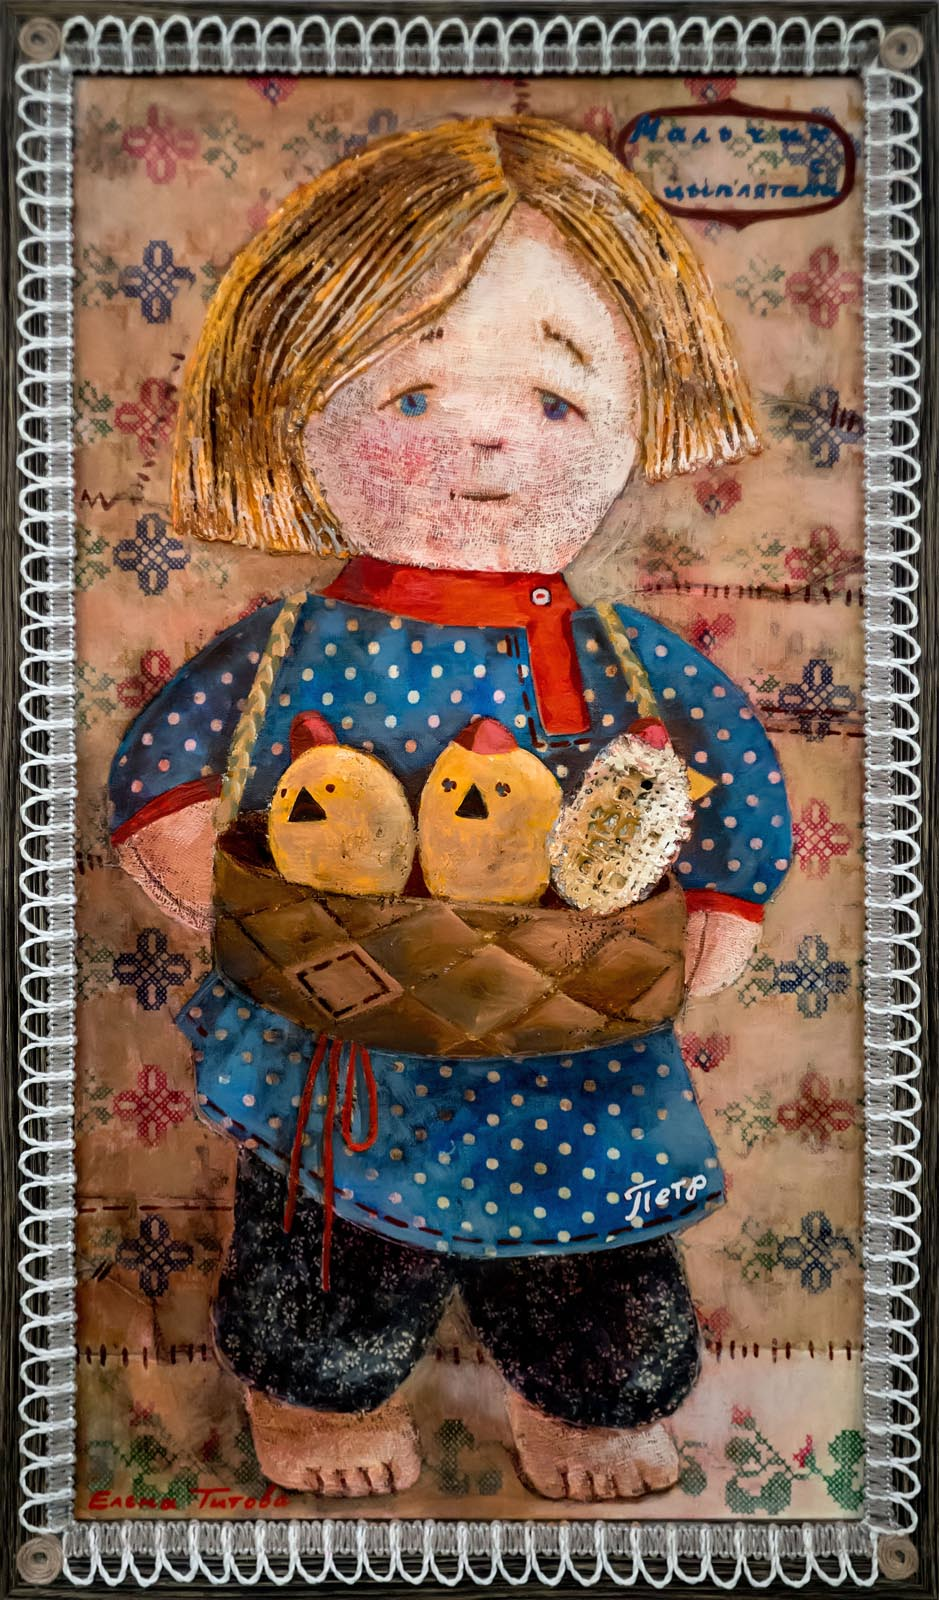 Фото №272743. Мальчик с цыплятами. Петр. Автор: Елена Титова